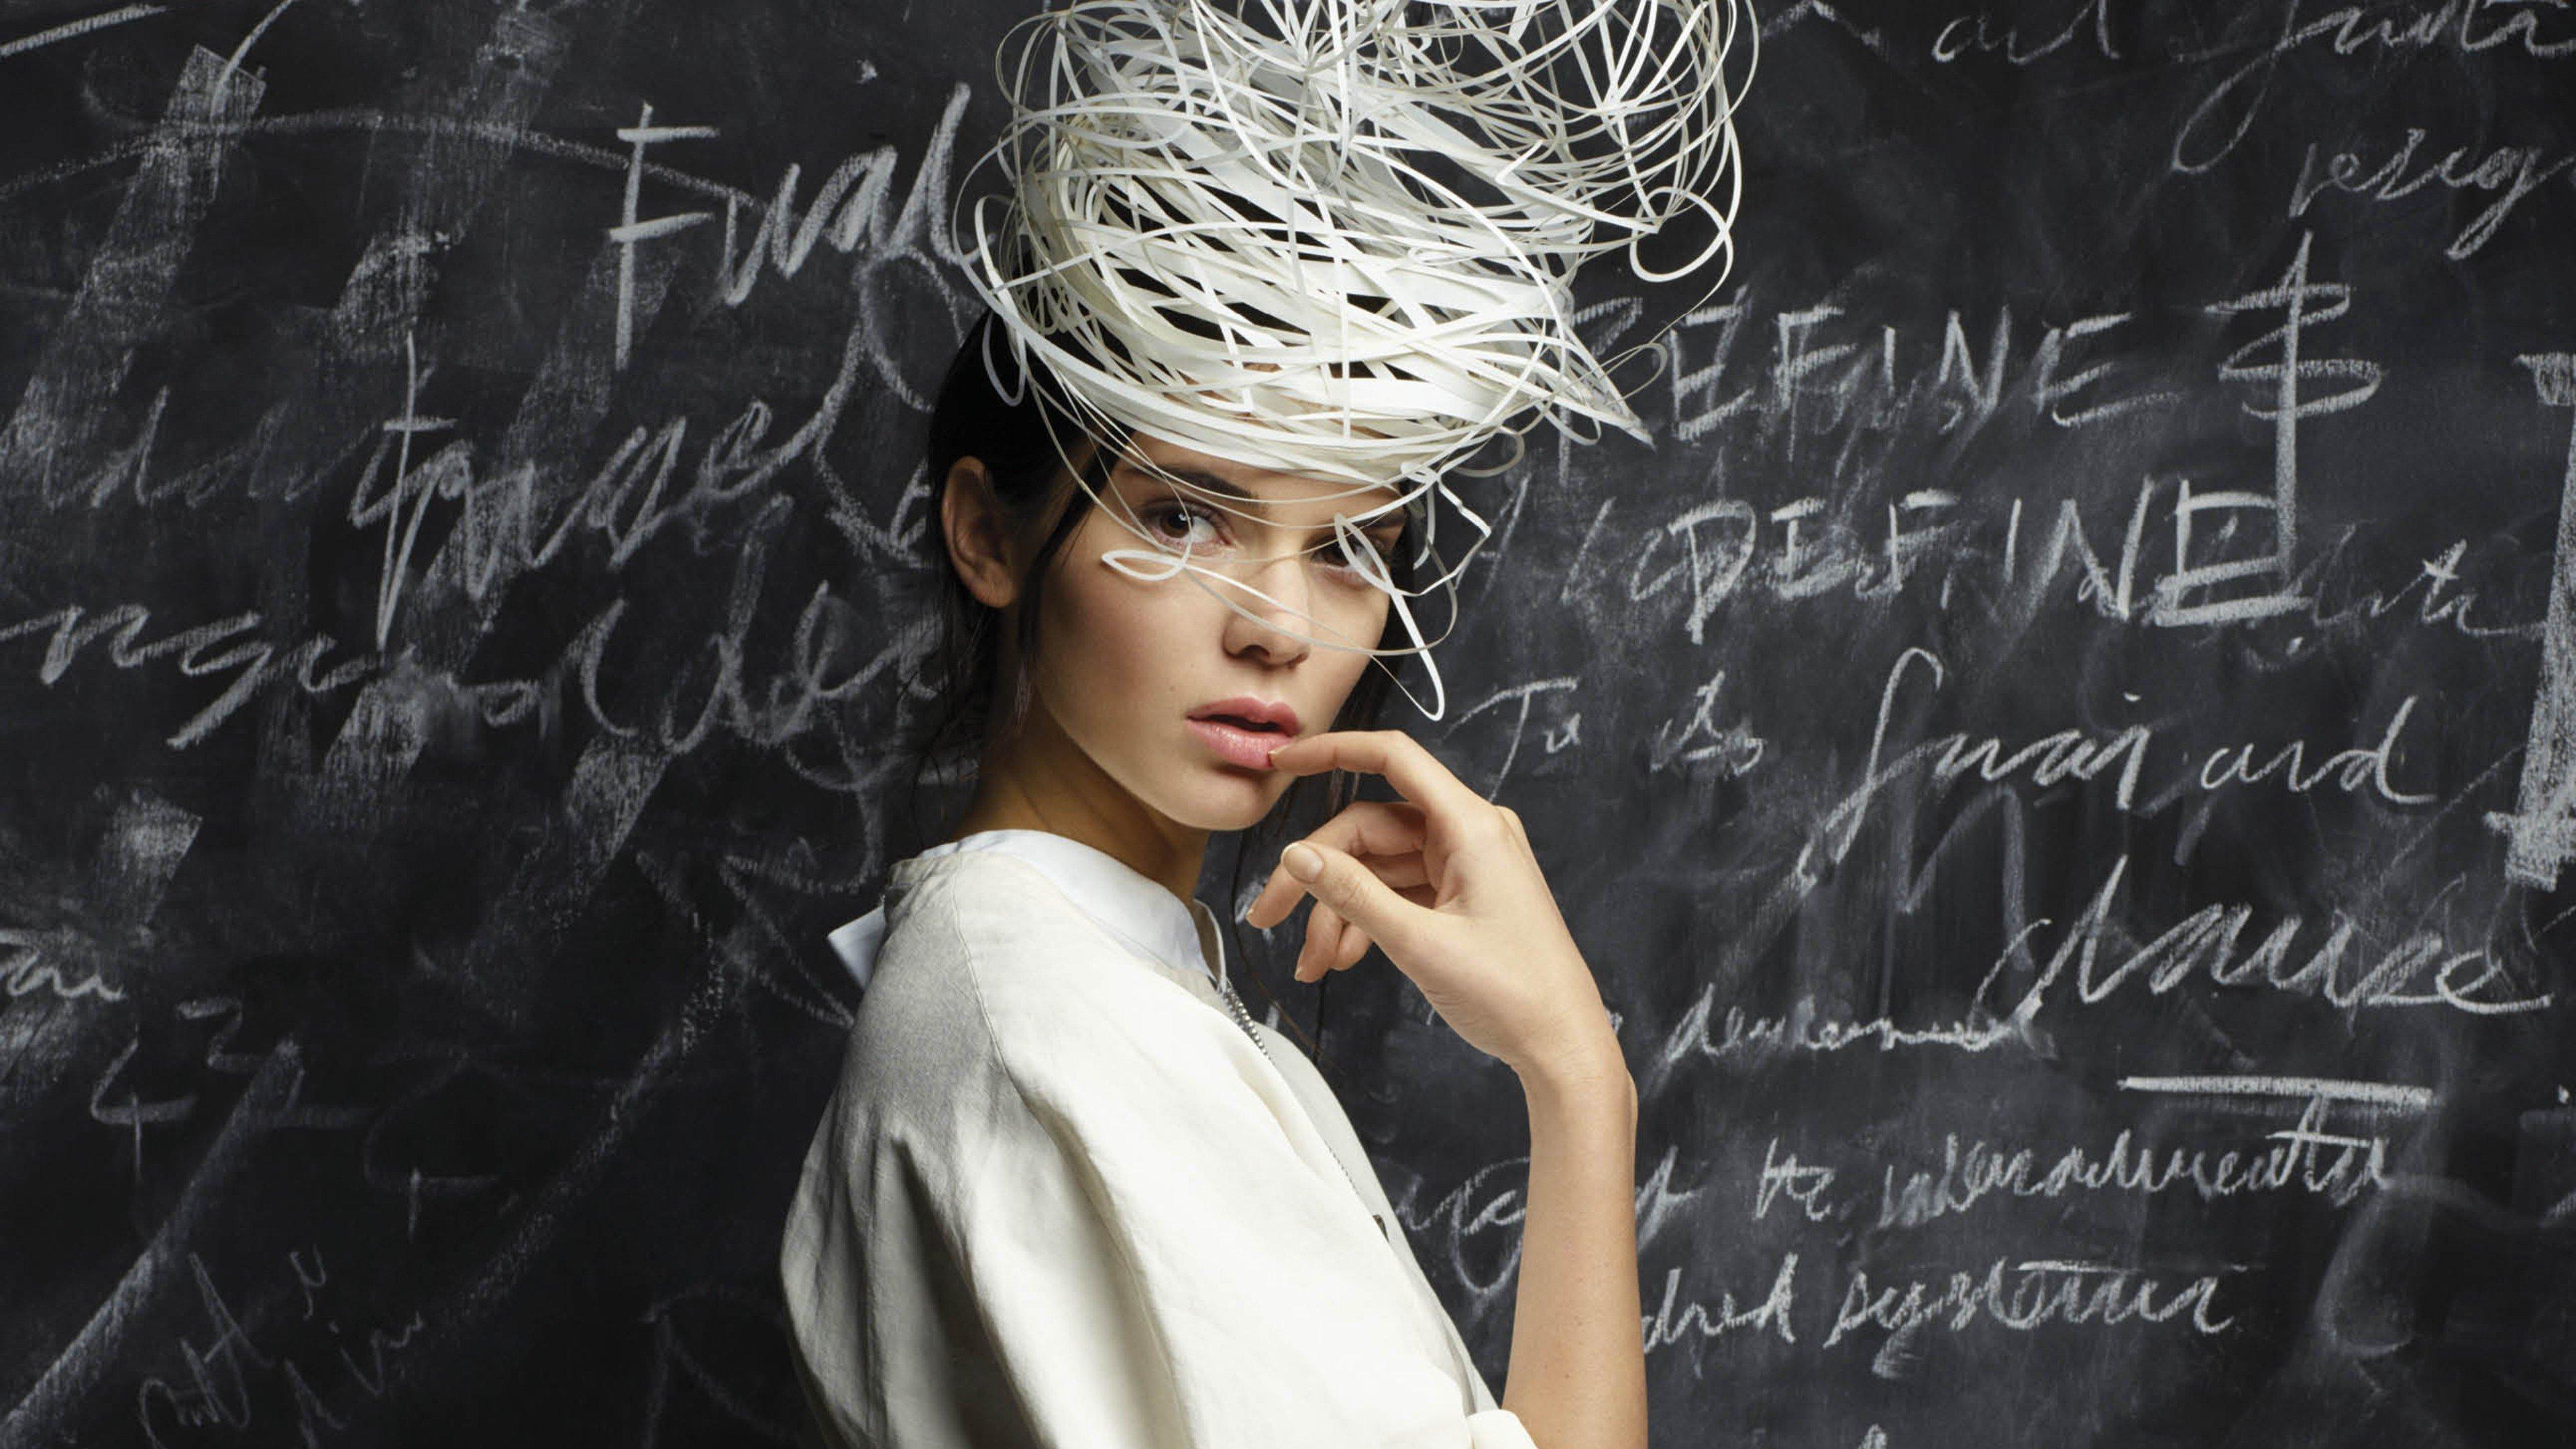 Wallpaper Kendall Jenner in blackboard